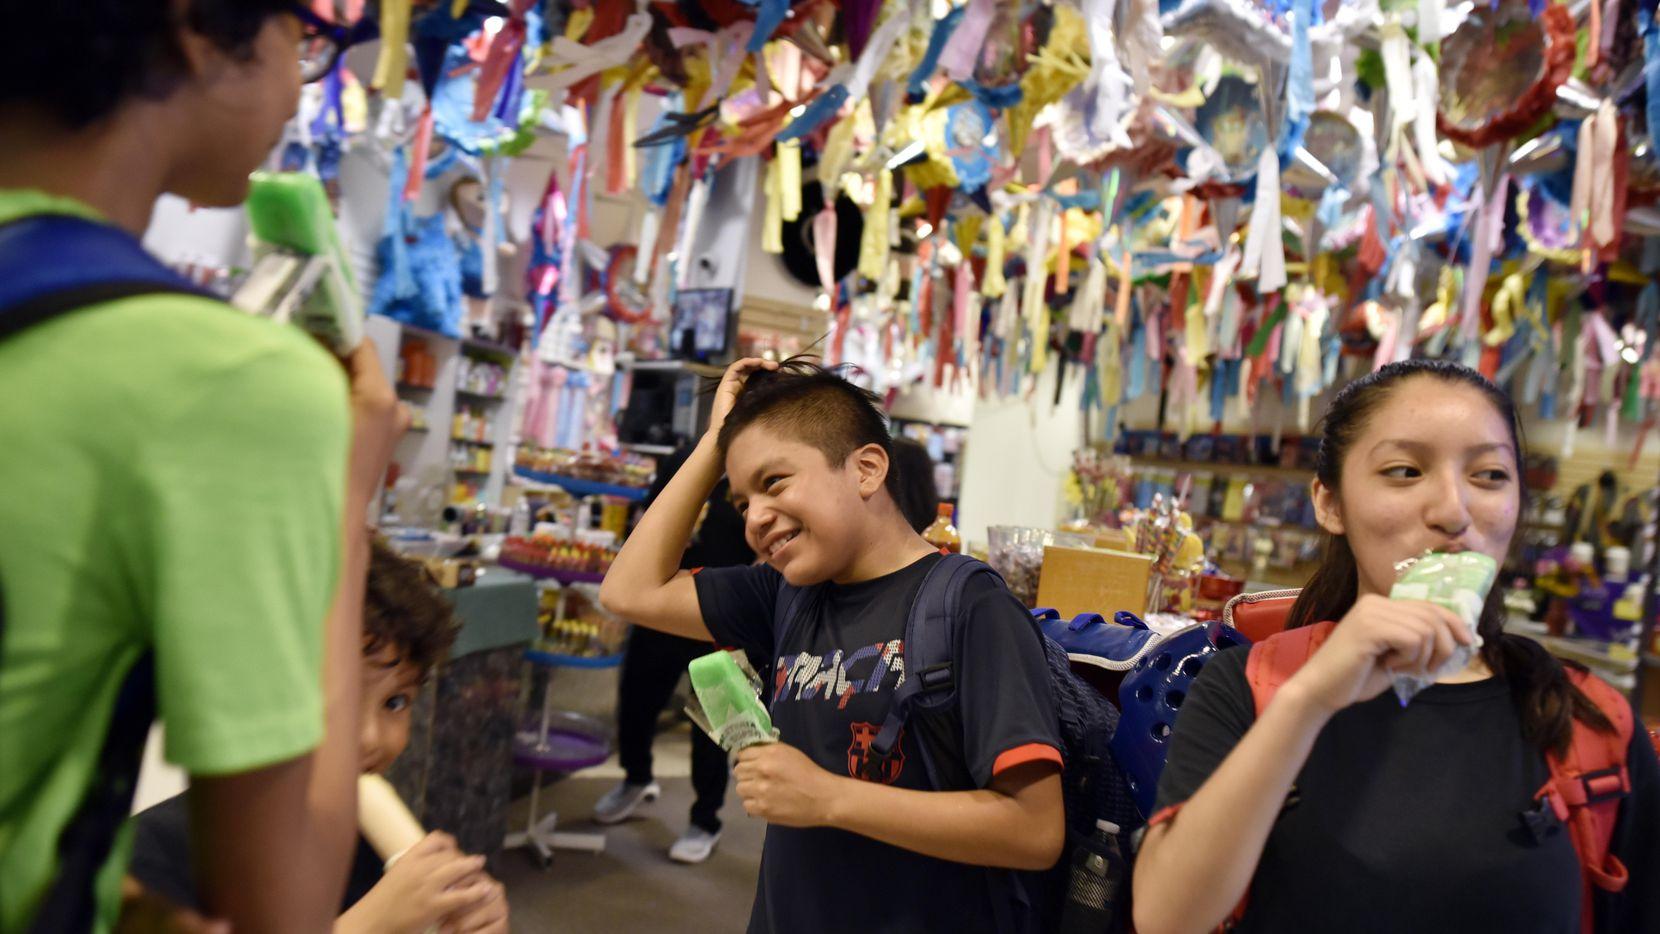 Jesse Pérez, de 12 años, y Karla Montoya, de 14, disfrutan de paletas de limón en el Rincón Hispano, en el Valley View Mall. La tienda de dulces es uno de los pocos locales que permanece abierto.  ——-  Nery Hernández (segunda desde la izq.) platica con su clientela en las afueras del Rincón Hispano, una de las últimas tiendas abiertas en el Valley View Mall. BEN TORRES/AL DÍA